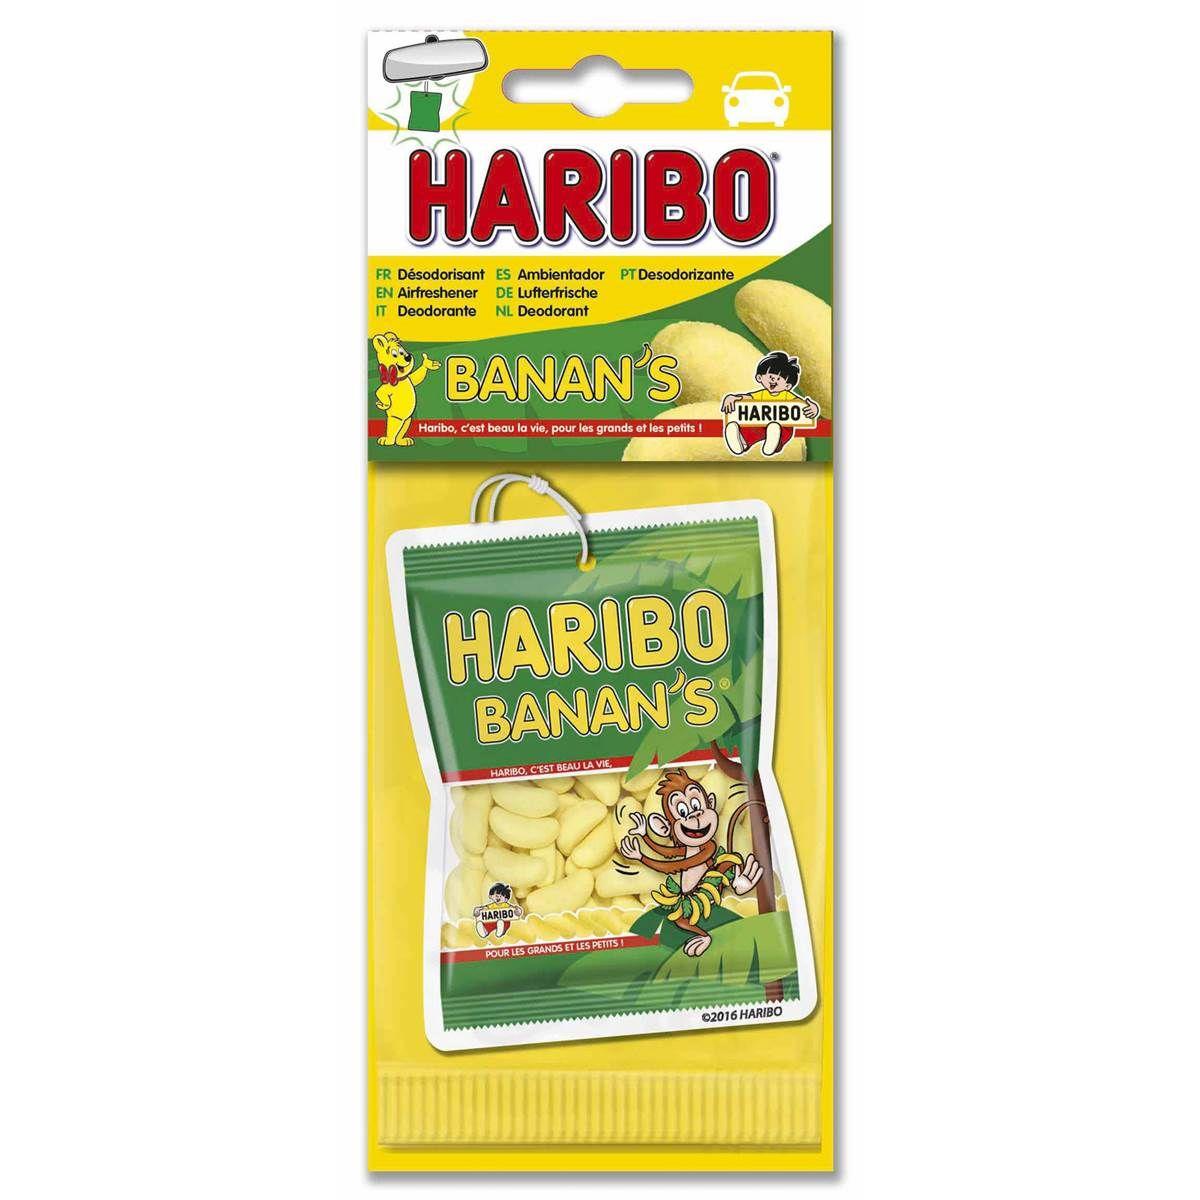 Les désodorisants pour voiture Haribo, environ 3 euros et un bon saignement de nez. Existe aussi en parfum marshmallow et Tagada.